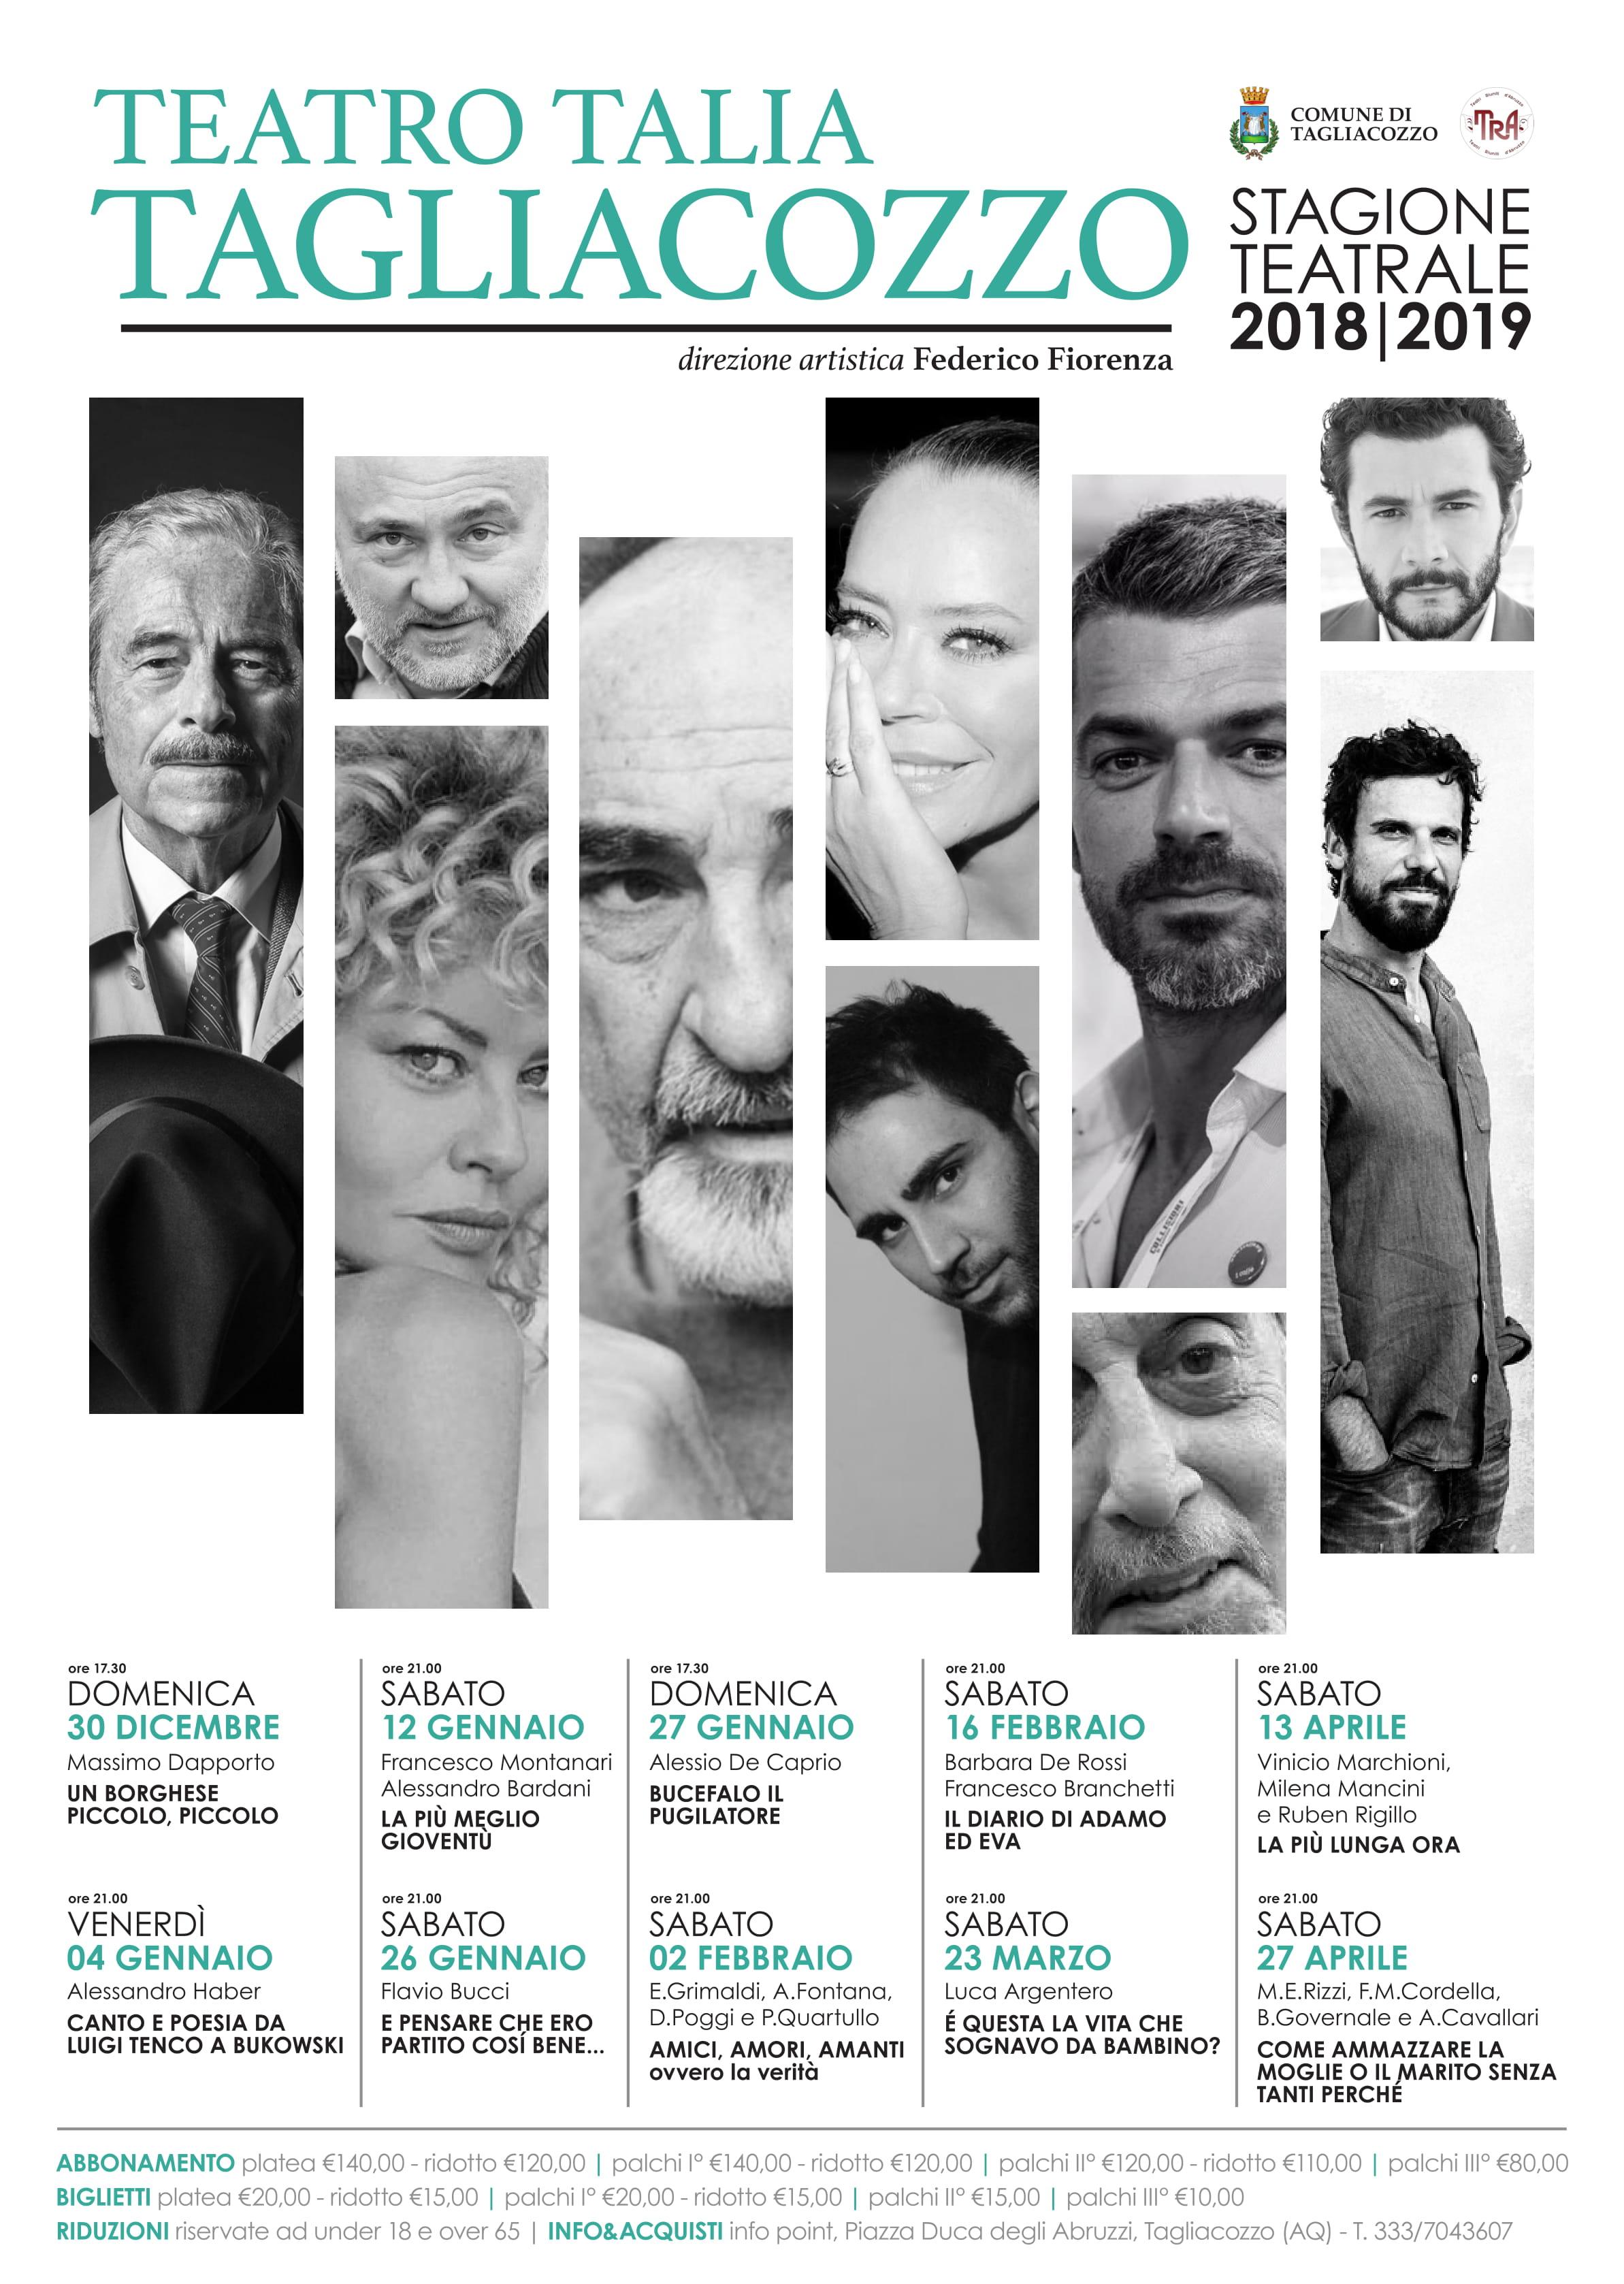 Al via la stagione teatrale del Talia a Tagliacozzo con artisti di fama internazionale